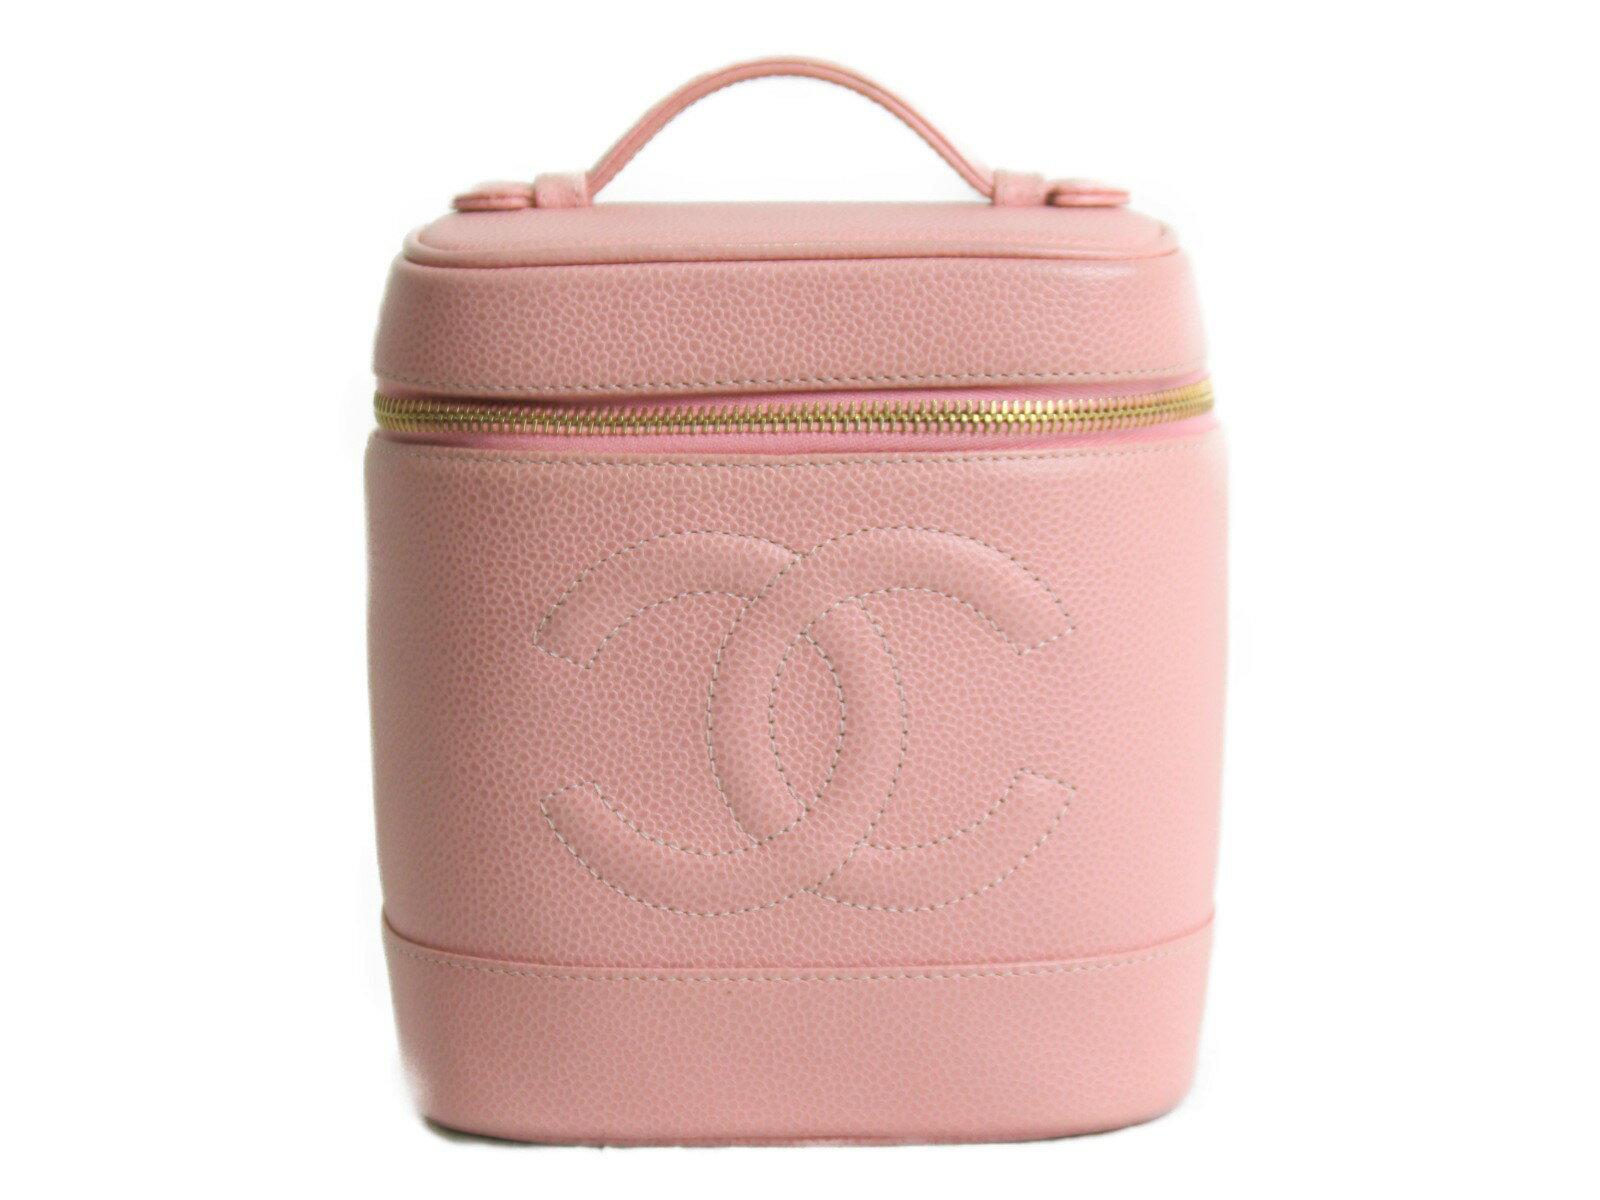 レディースバッグ, 化粧ポーチ CHANEL A01998